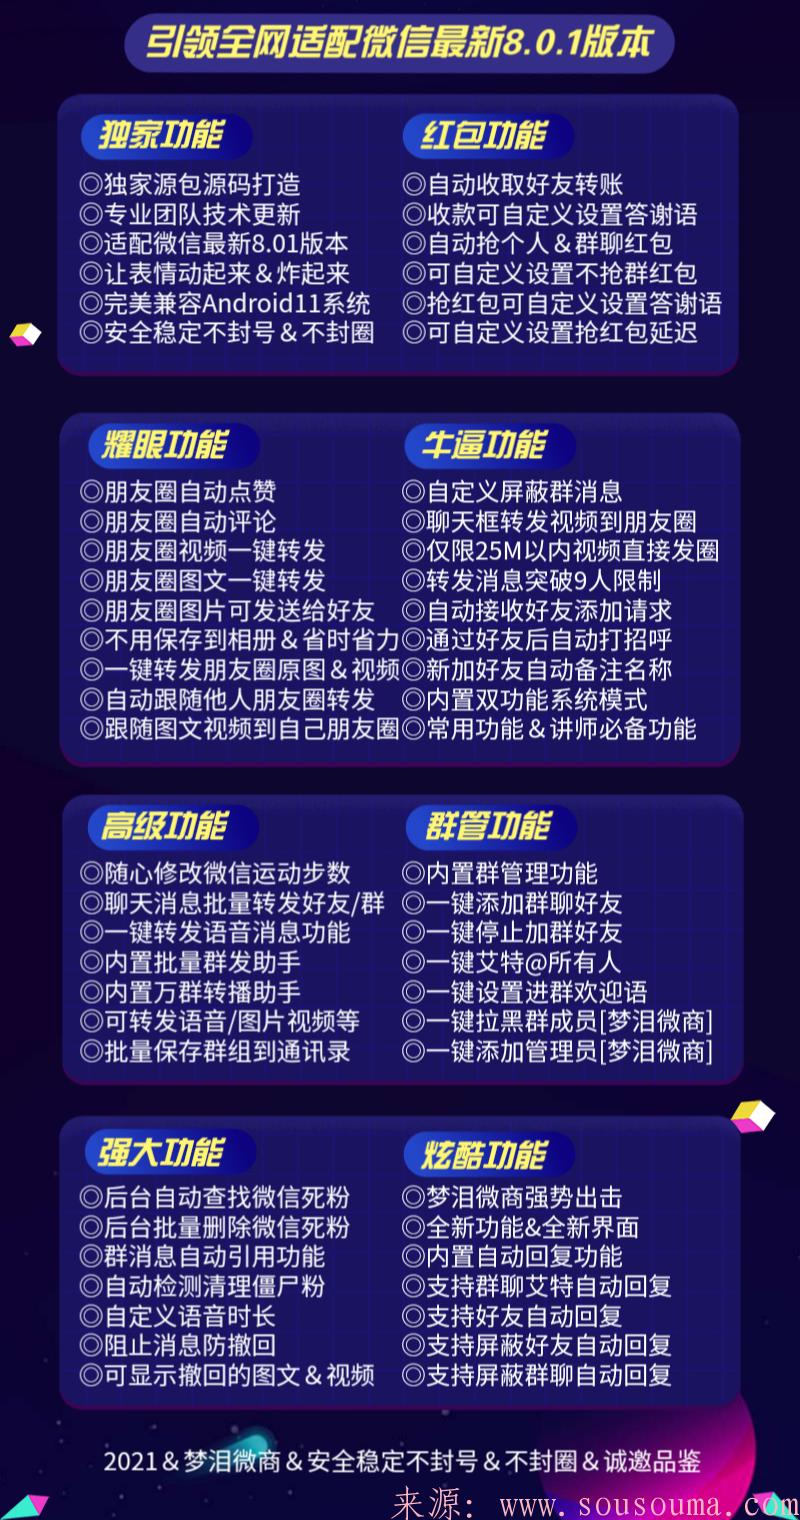 【安卓梦泪微商】全新源码双开微信8.0微信支持安卓11系统